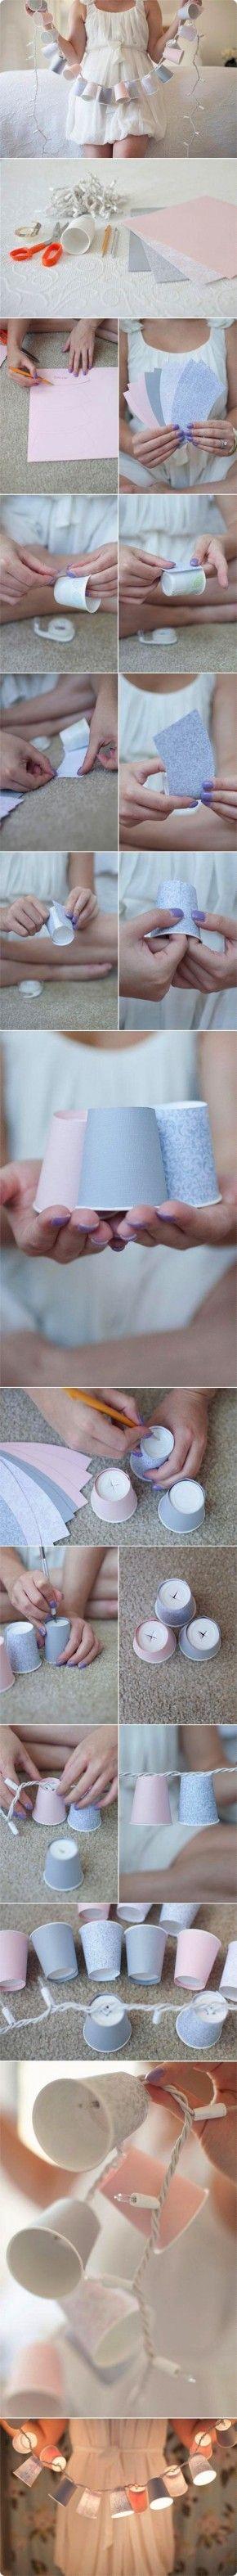 verlichting met kartonnen drinkbekers via pinterest